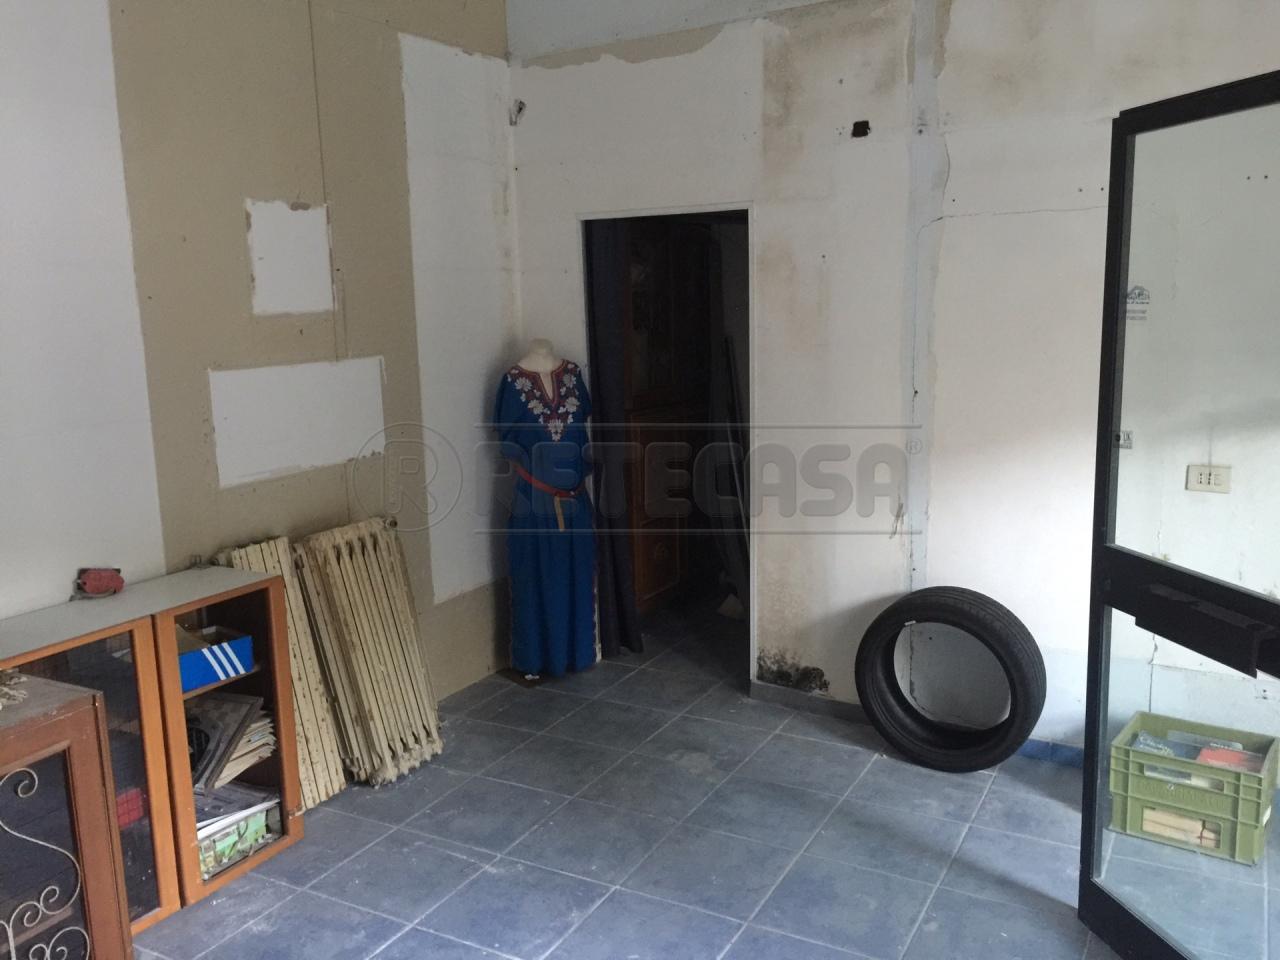 Negozio / Locale in affitto a Catanzaro, 1 locali, prezzo € 300 | Cambio Casa.it